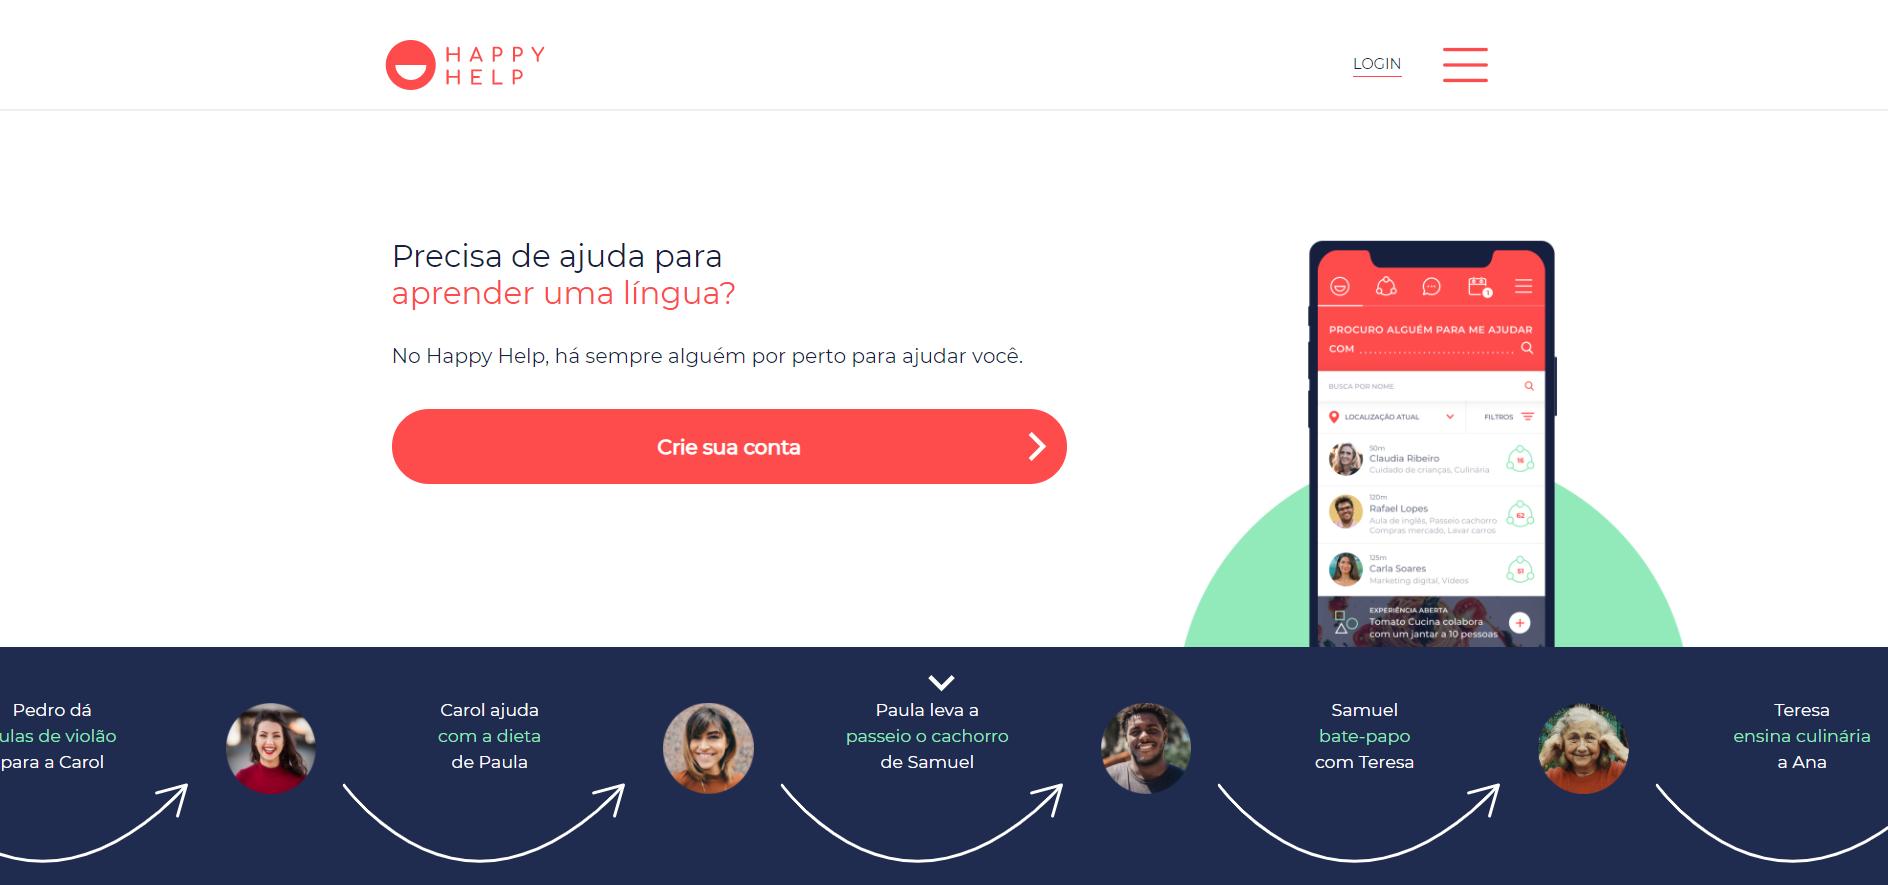 Em busca de aprendizado, brasileiros apostam em plataformas para troca de conhecimento virtual e de qualquer lugar do país